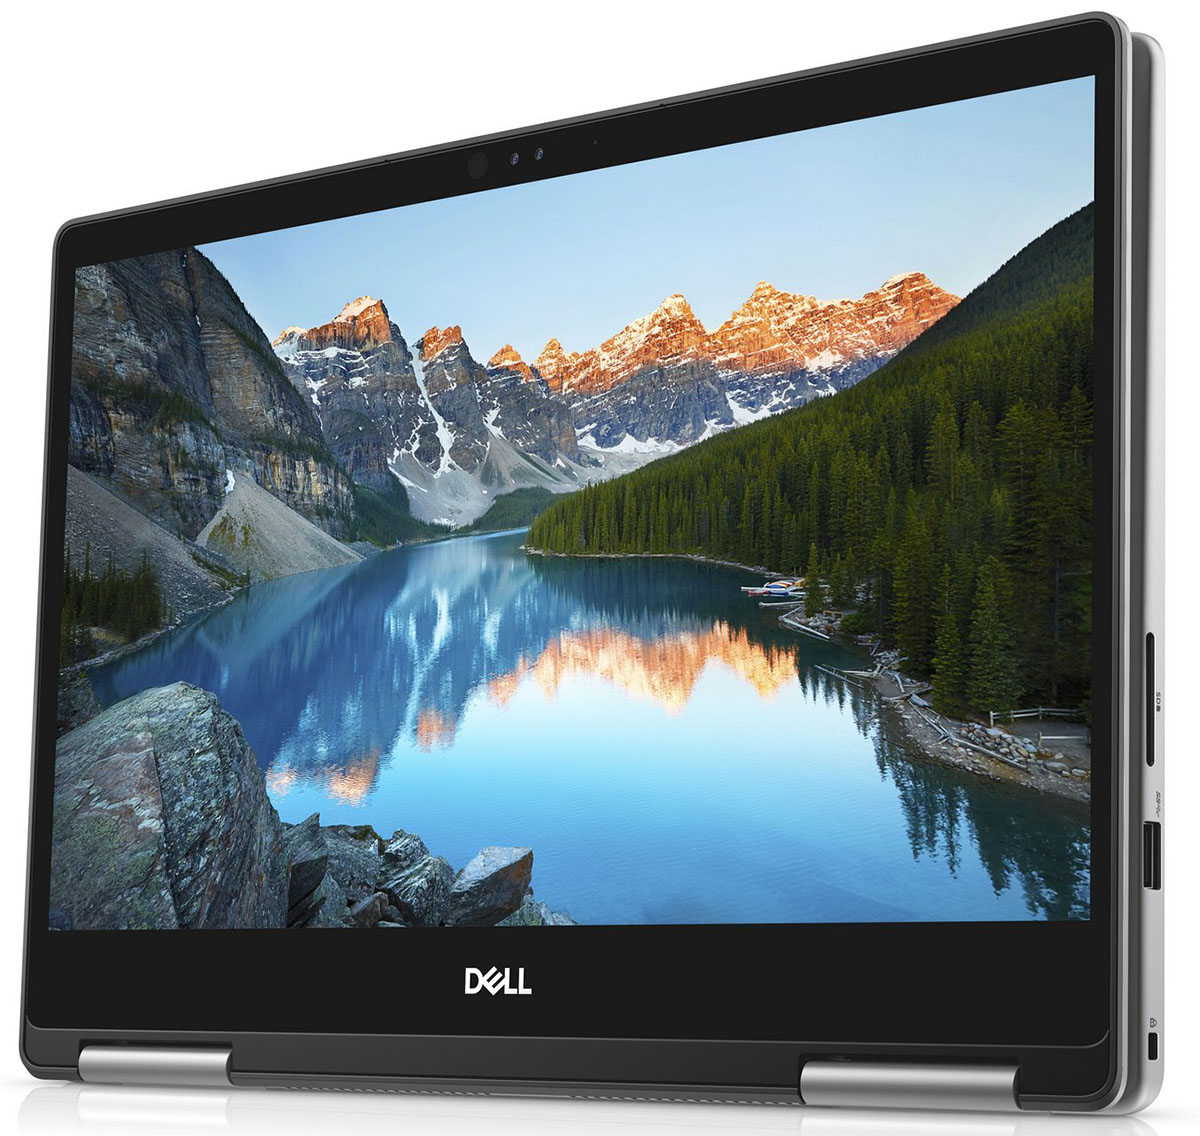 Dell Inspiron 15 7573 2-in-1